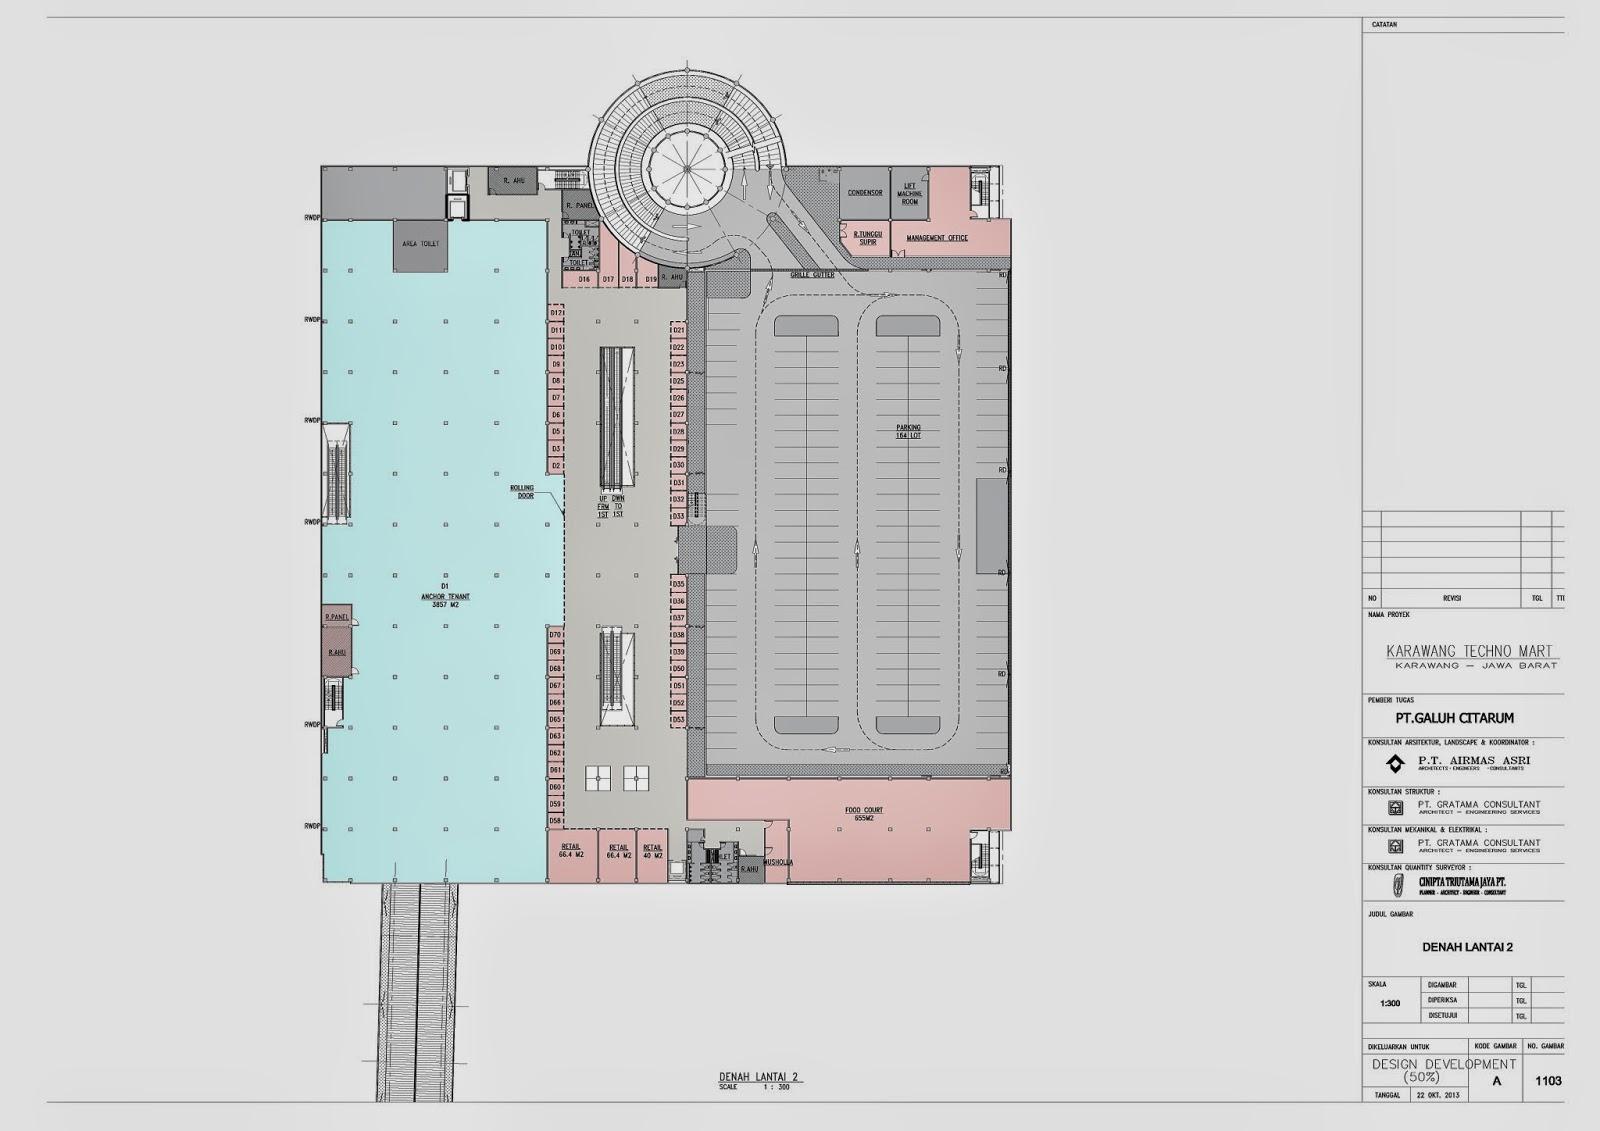 techno mart karawang denah lantai bangunan